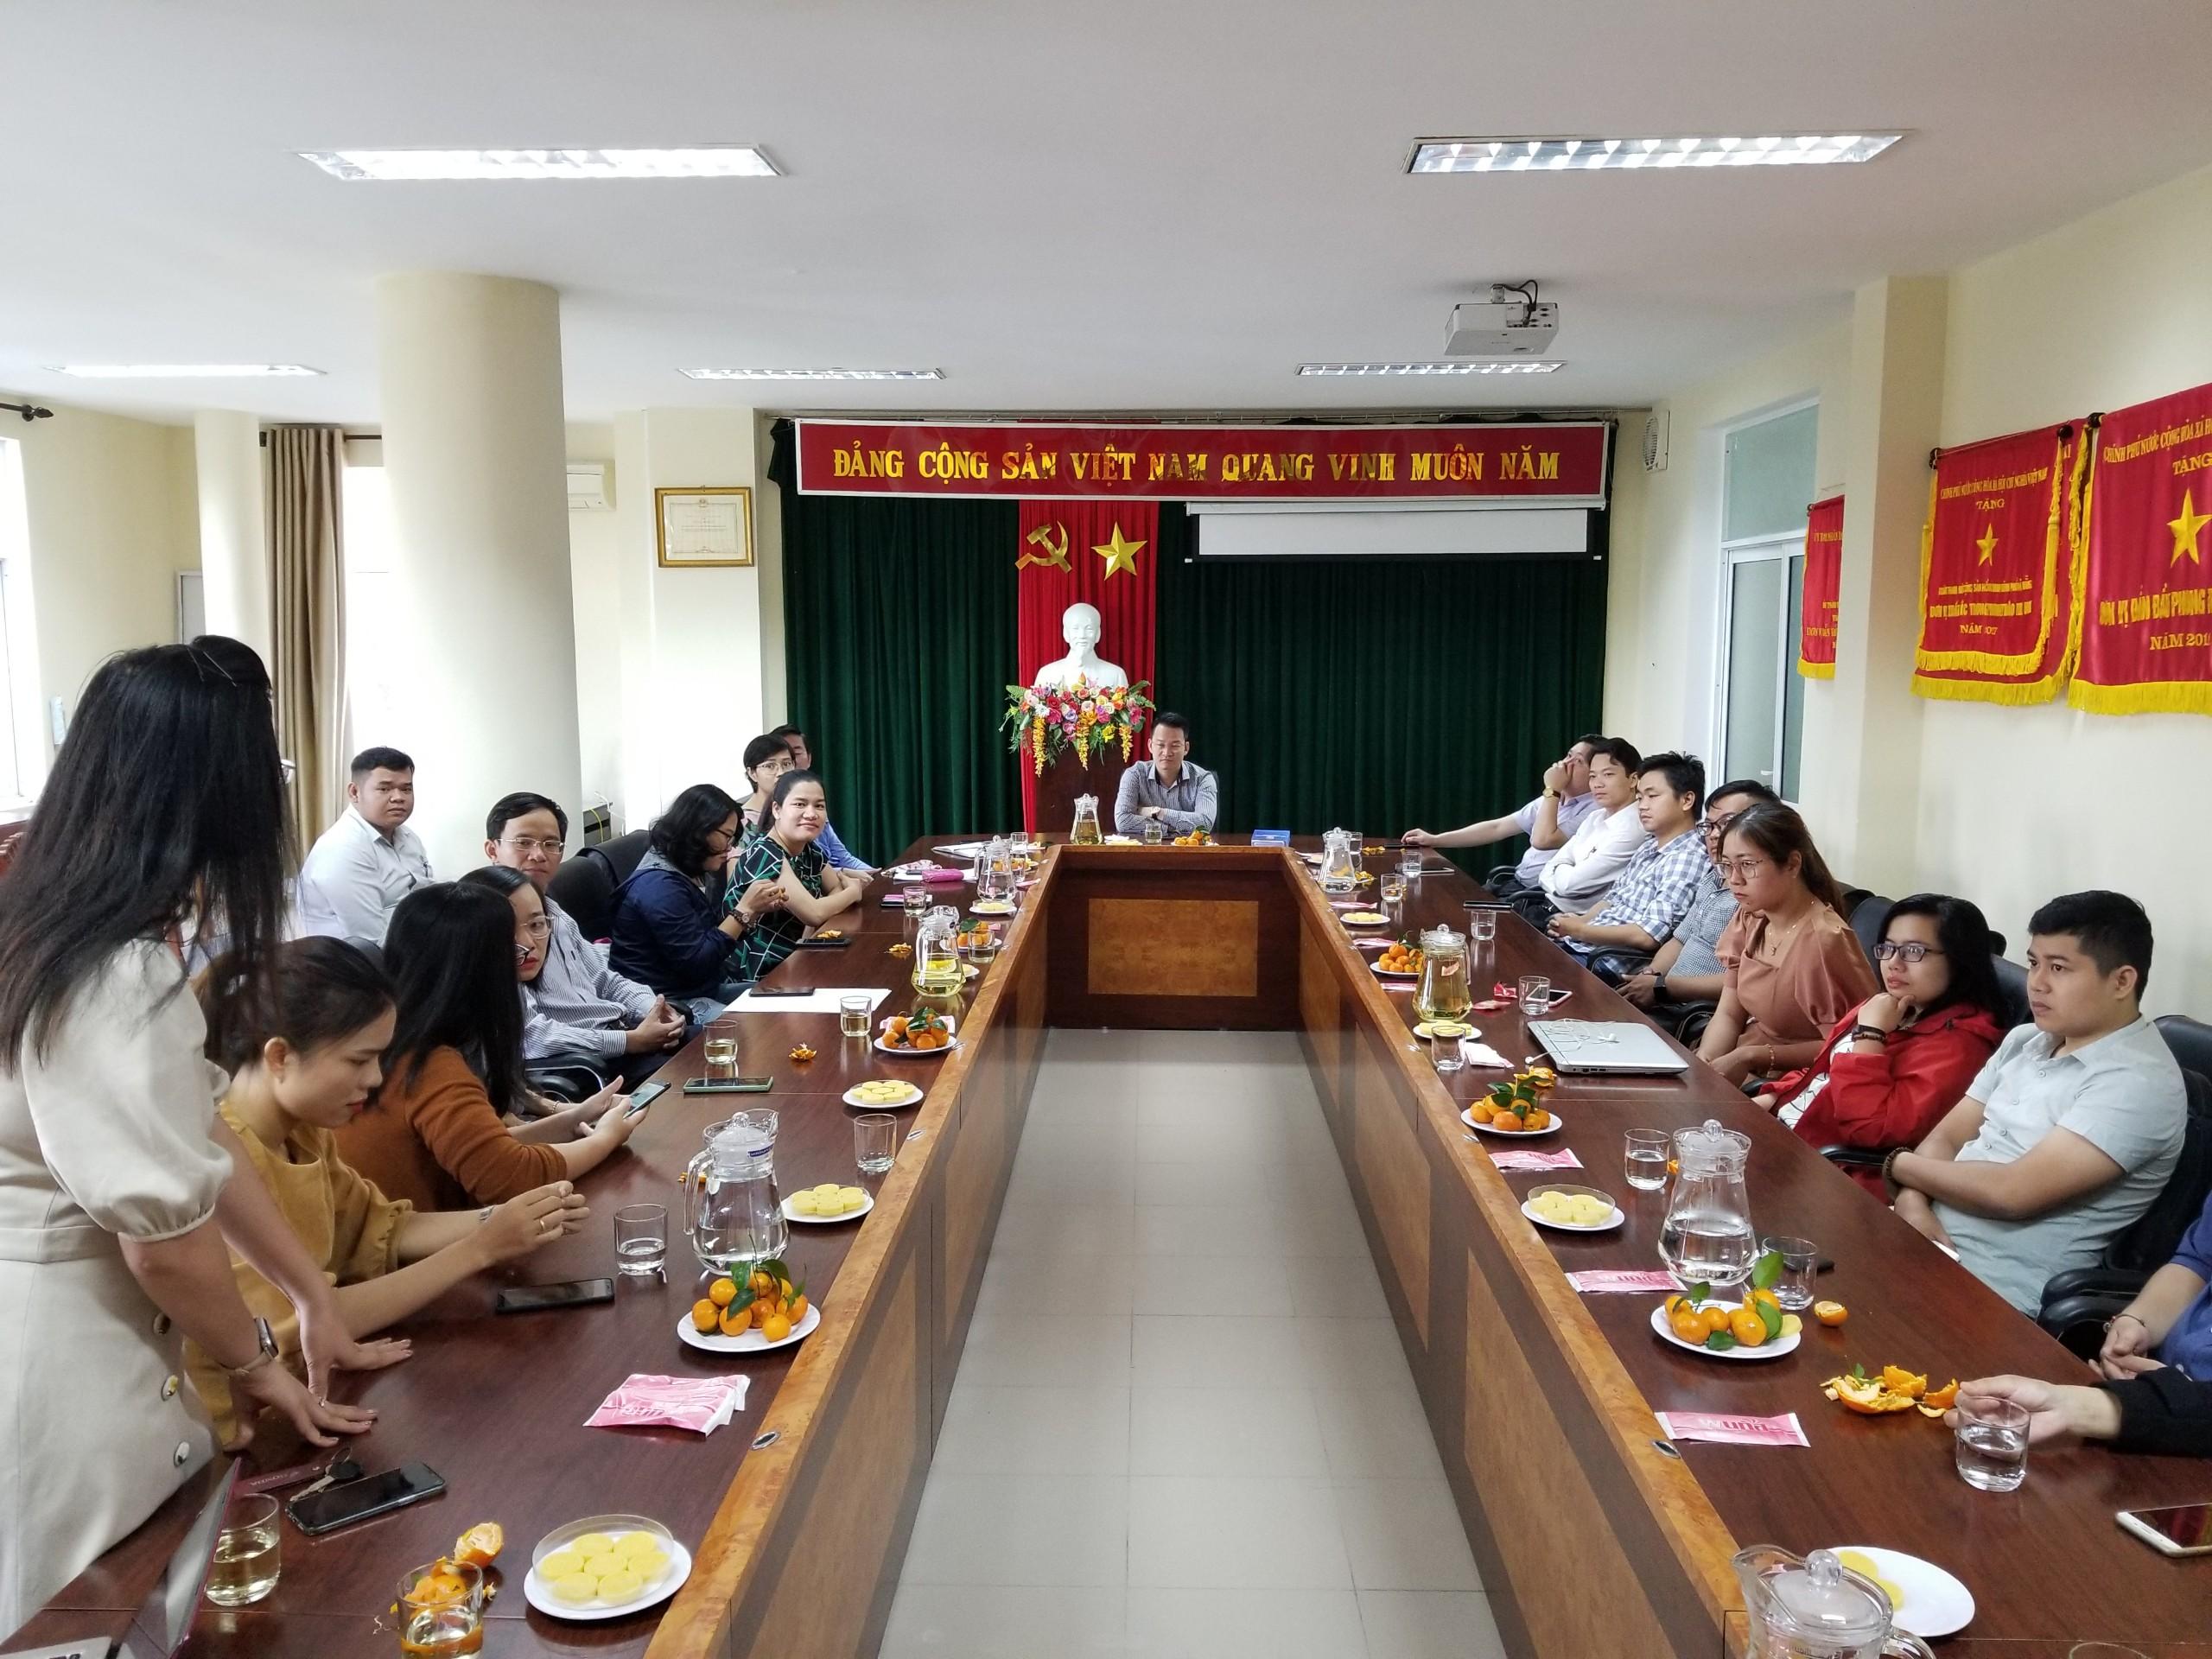 Thành Đoàn tổ chức chương trình gặp mặt và chúc mừng các cơ quan báo đài nhân dịp Tết Nguyên đán 2020